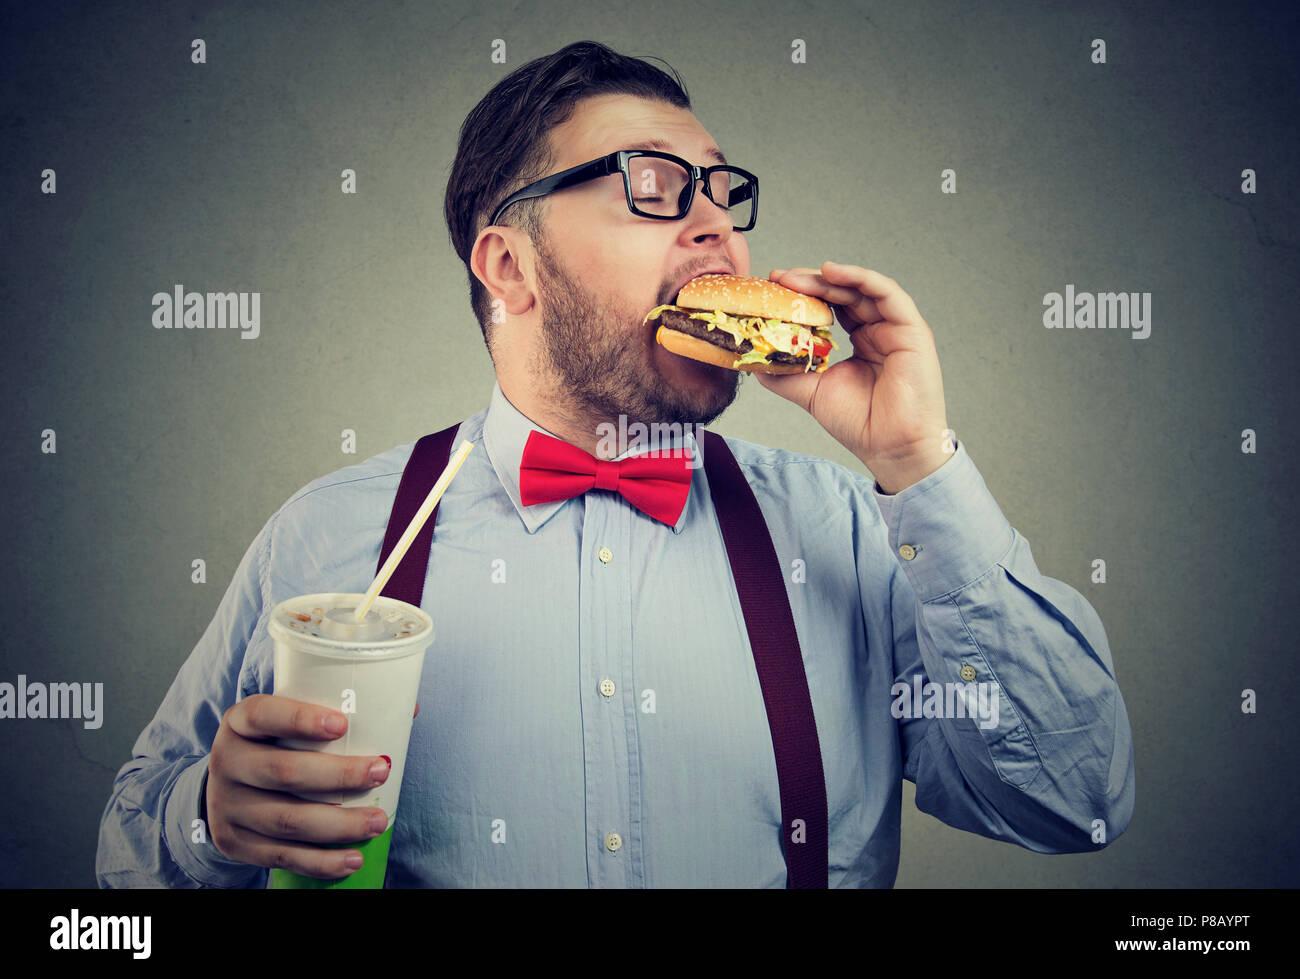 Il sovrappeso uomo d affari di mangiare con appetito un burger tenendo un grande possibile di soda drink Immagini Stock